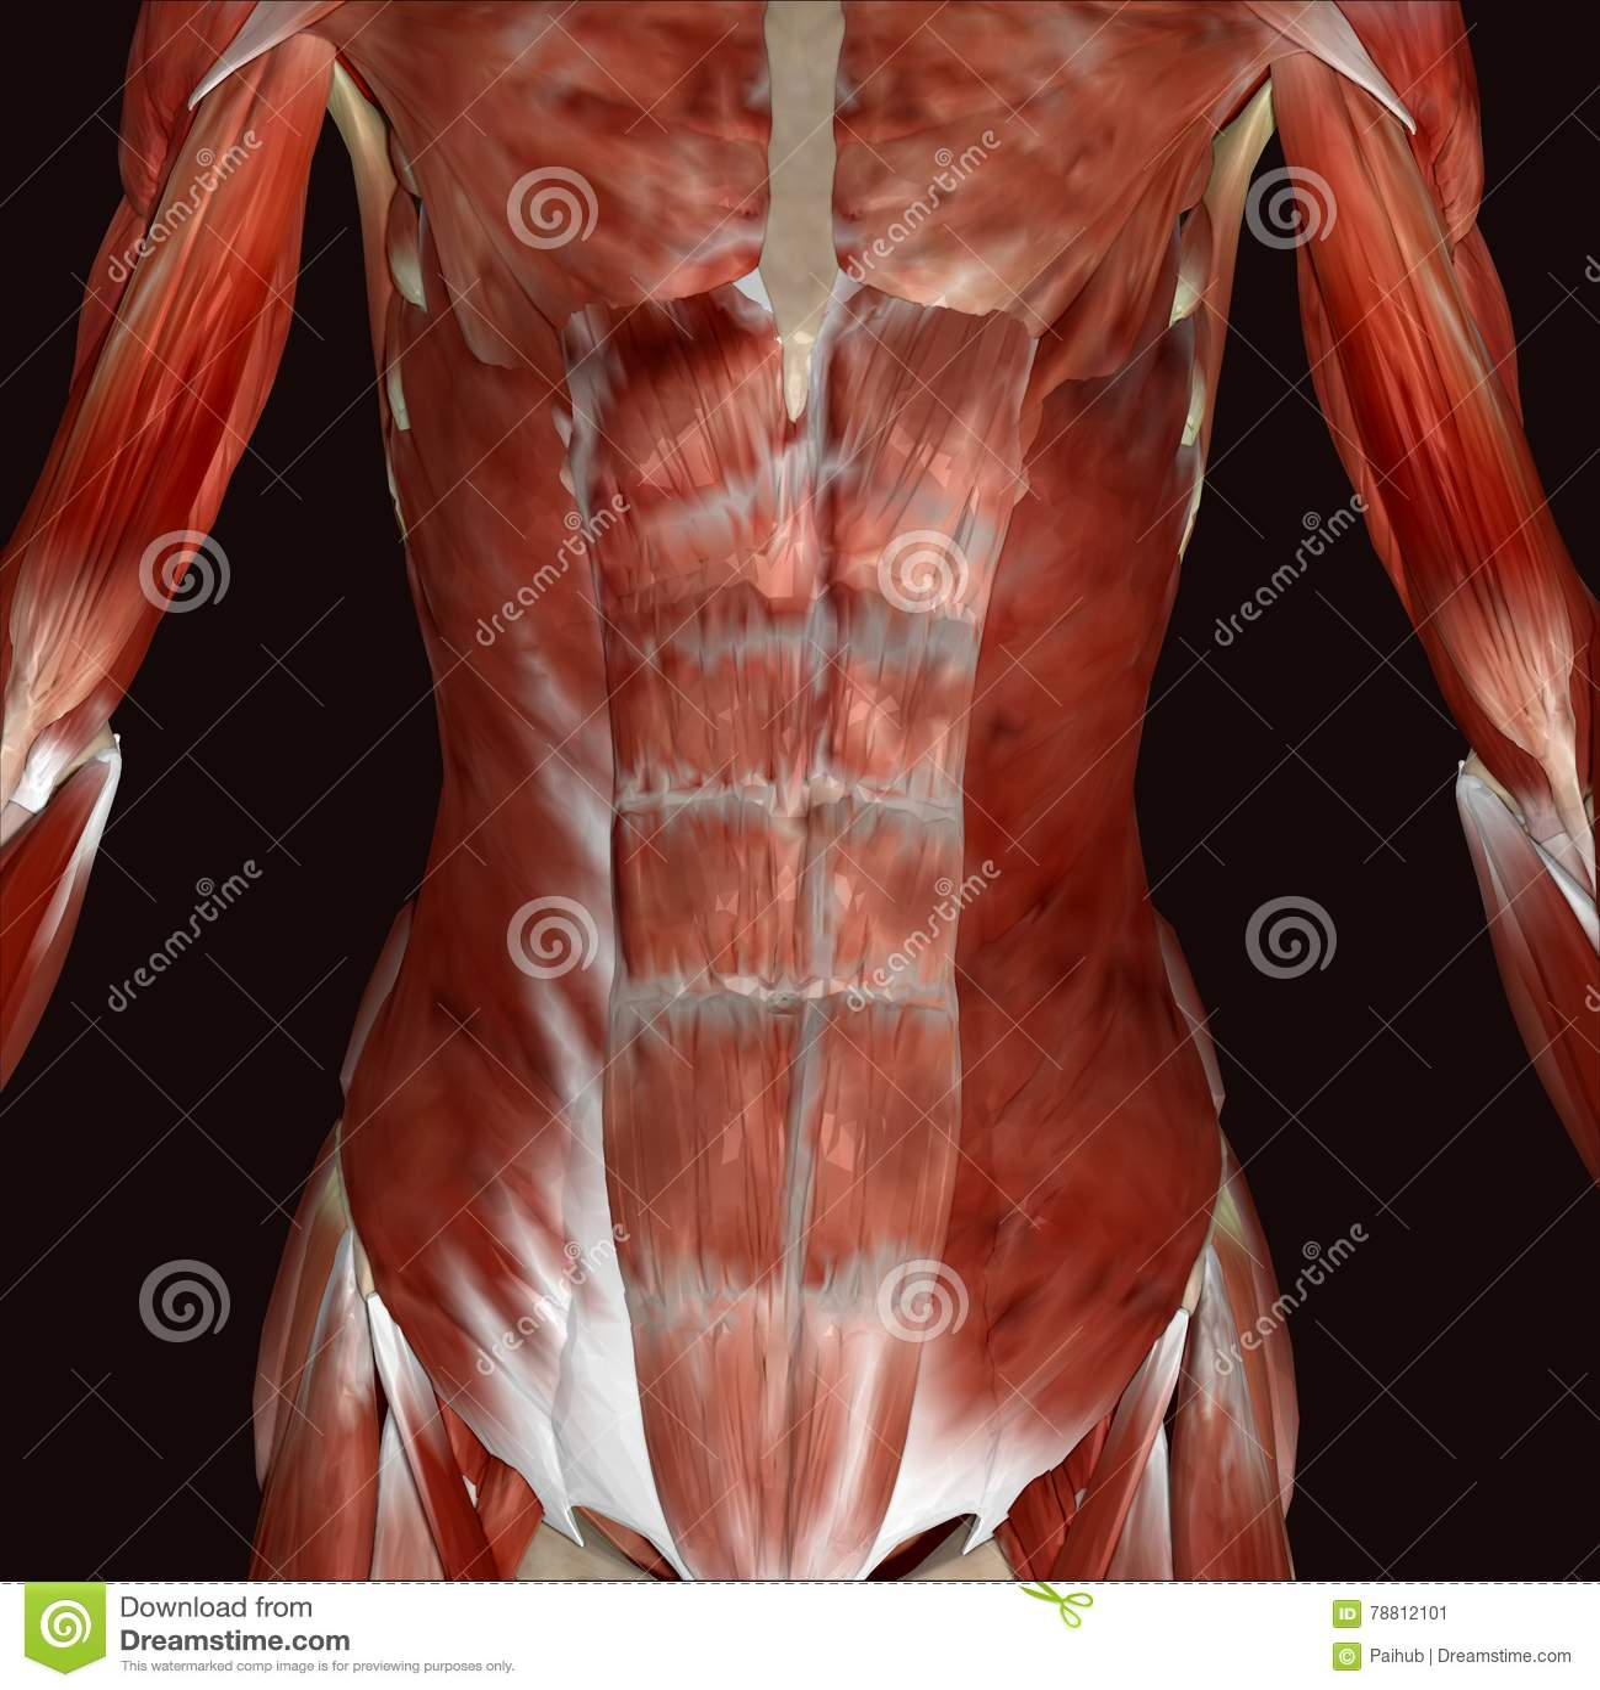 τρισδιάστατο θηλυκό ανθρώπινο σώμα απεικόνισης